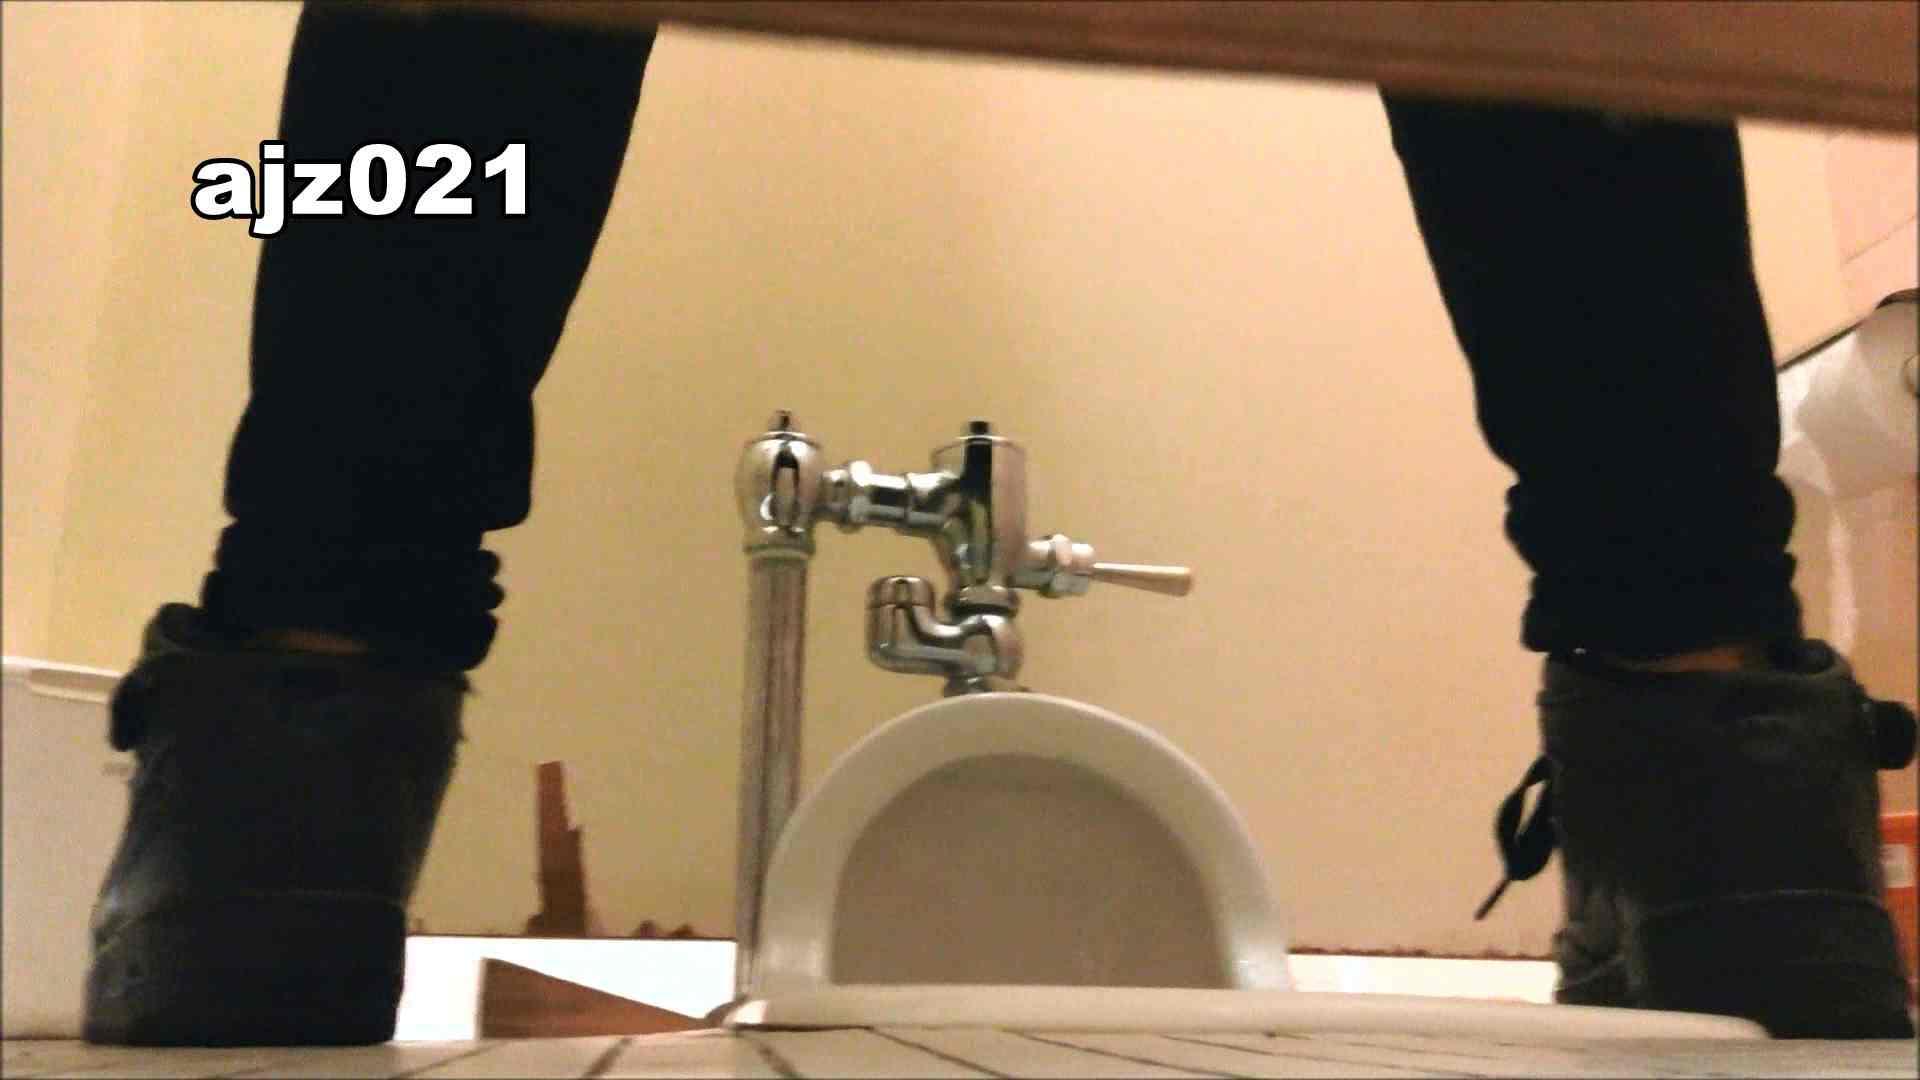 某有名大学女性洗面所 vol.21 OLセックス  75画像 36